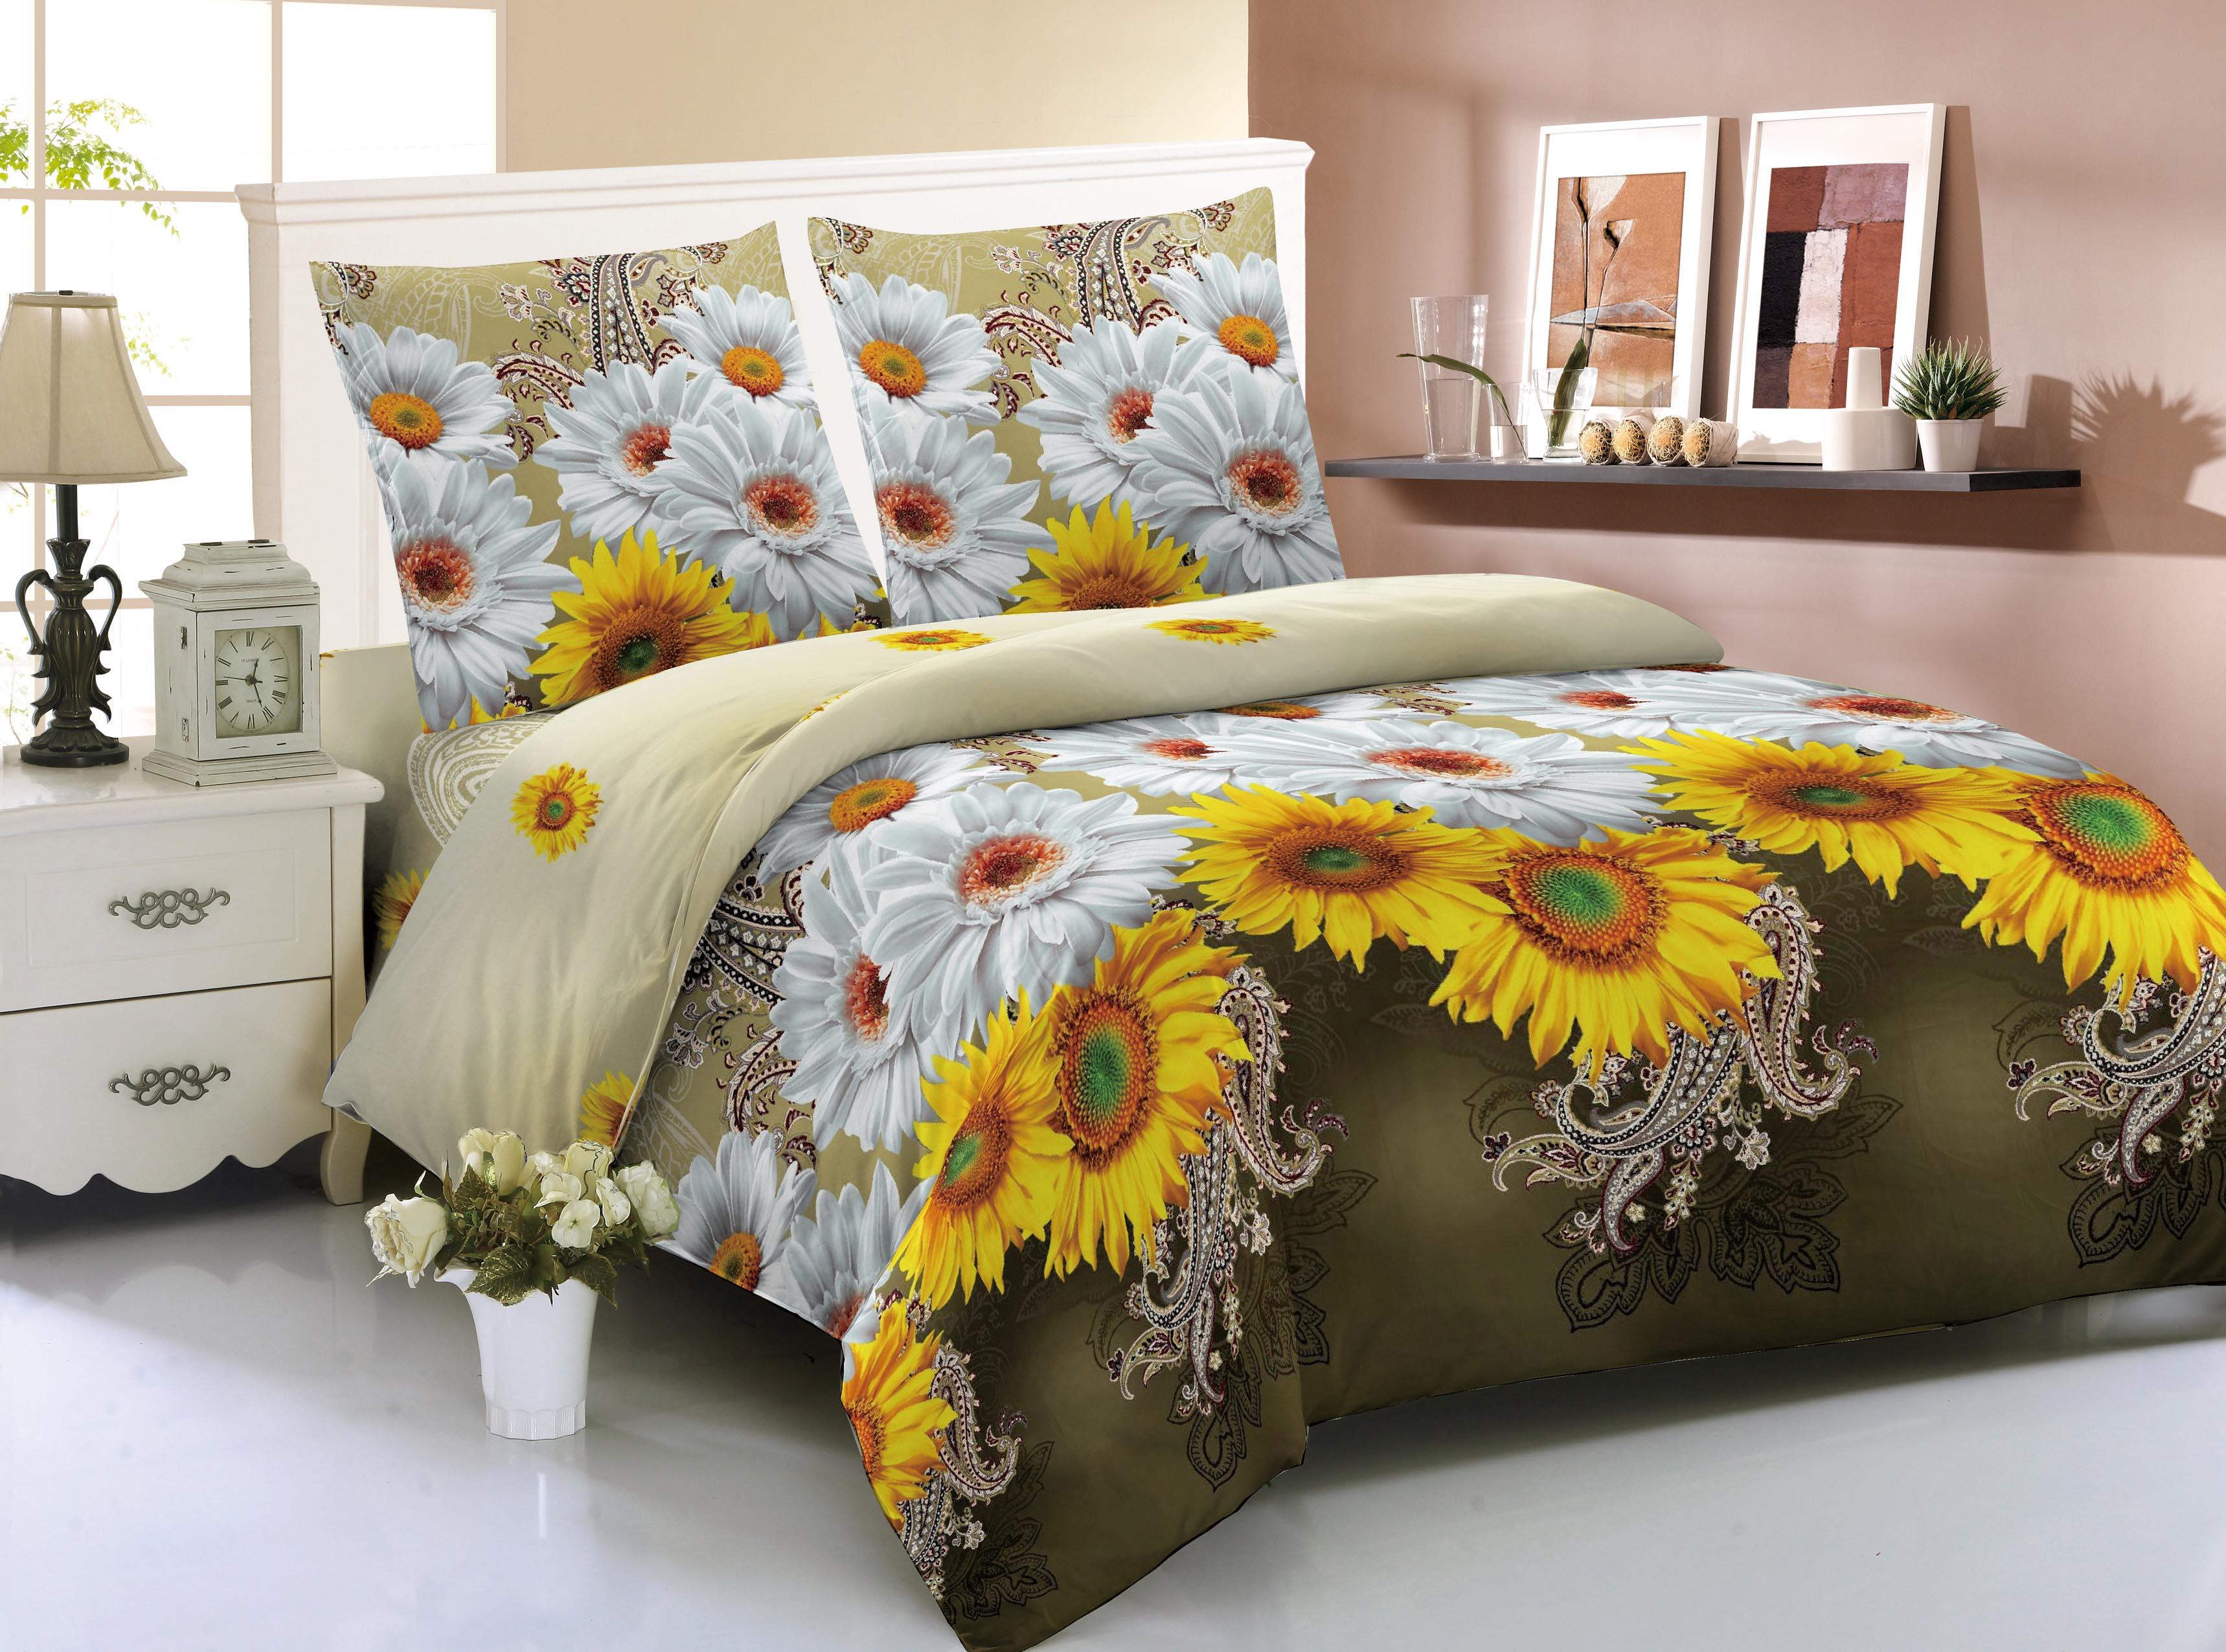 Комплекты постельного белья Amore Mio amm270356